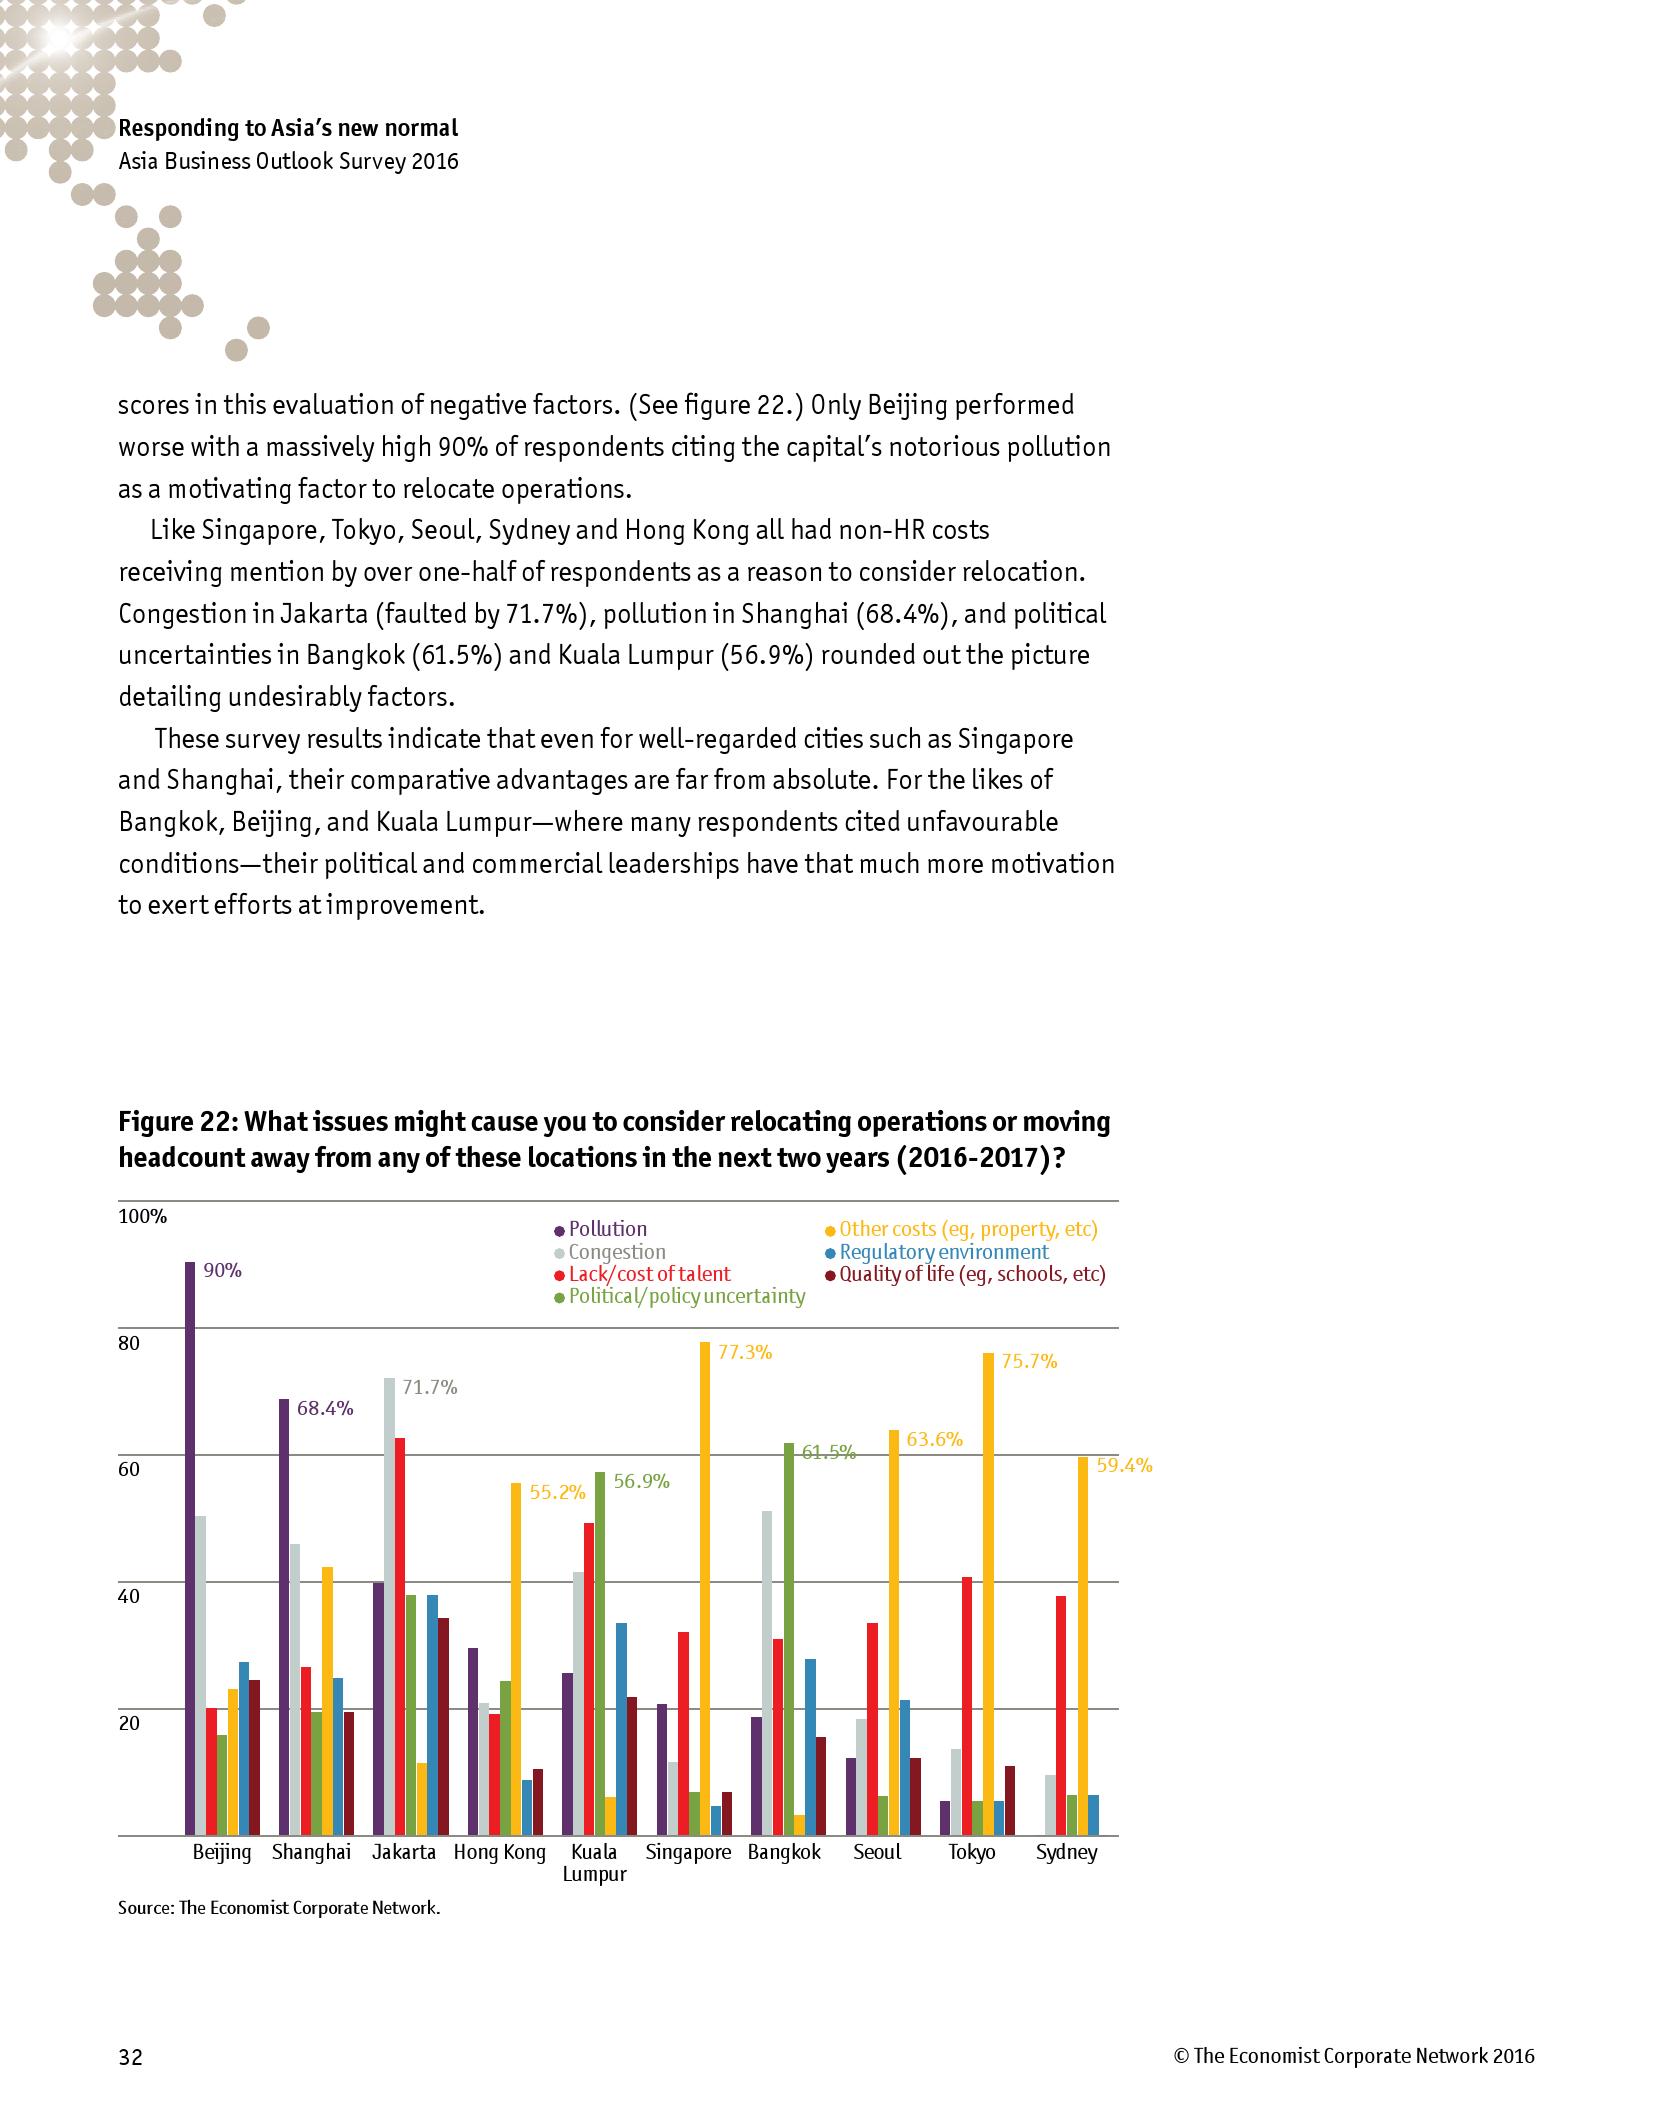 2016年亚洲商业展望调查报告_000034